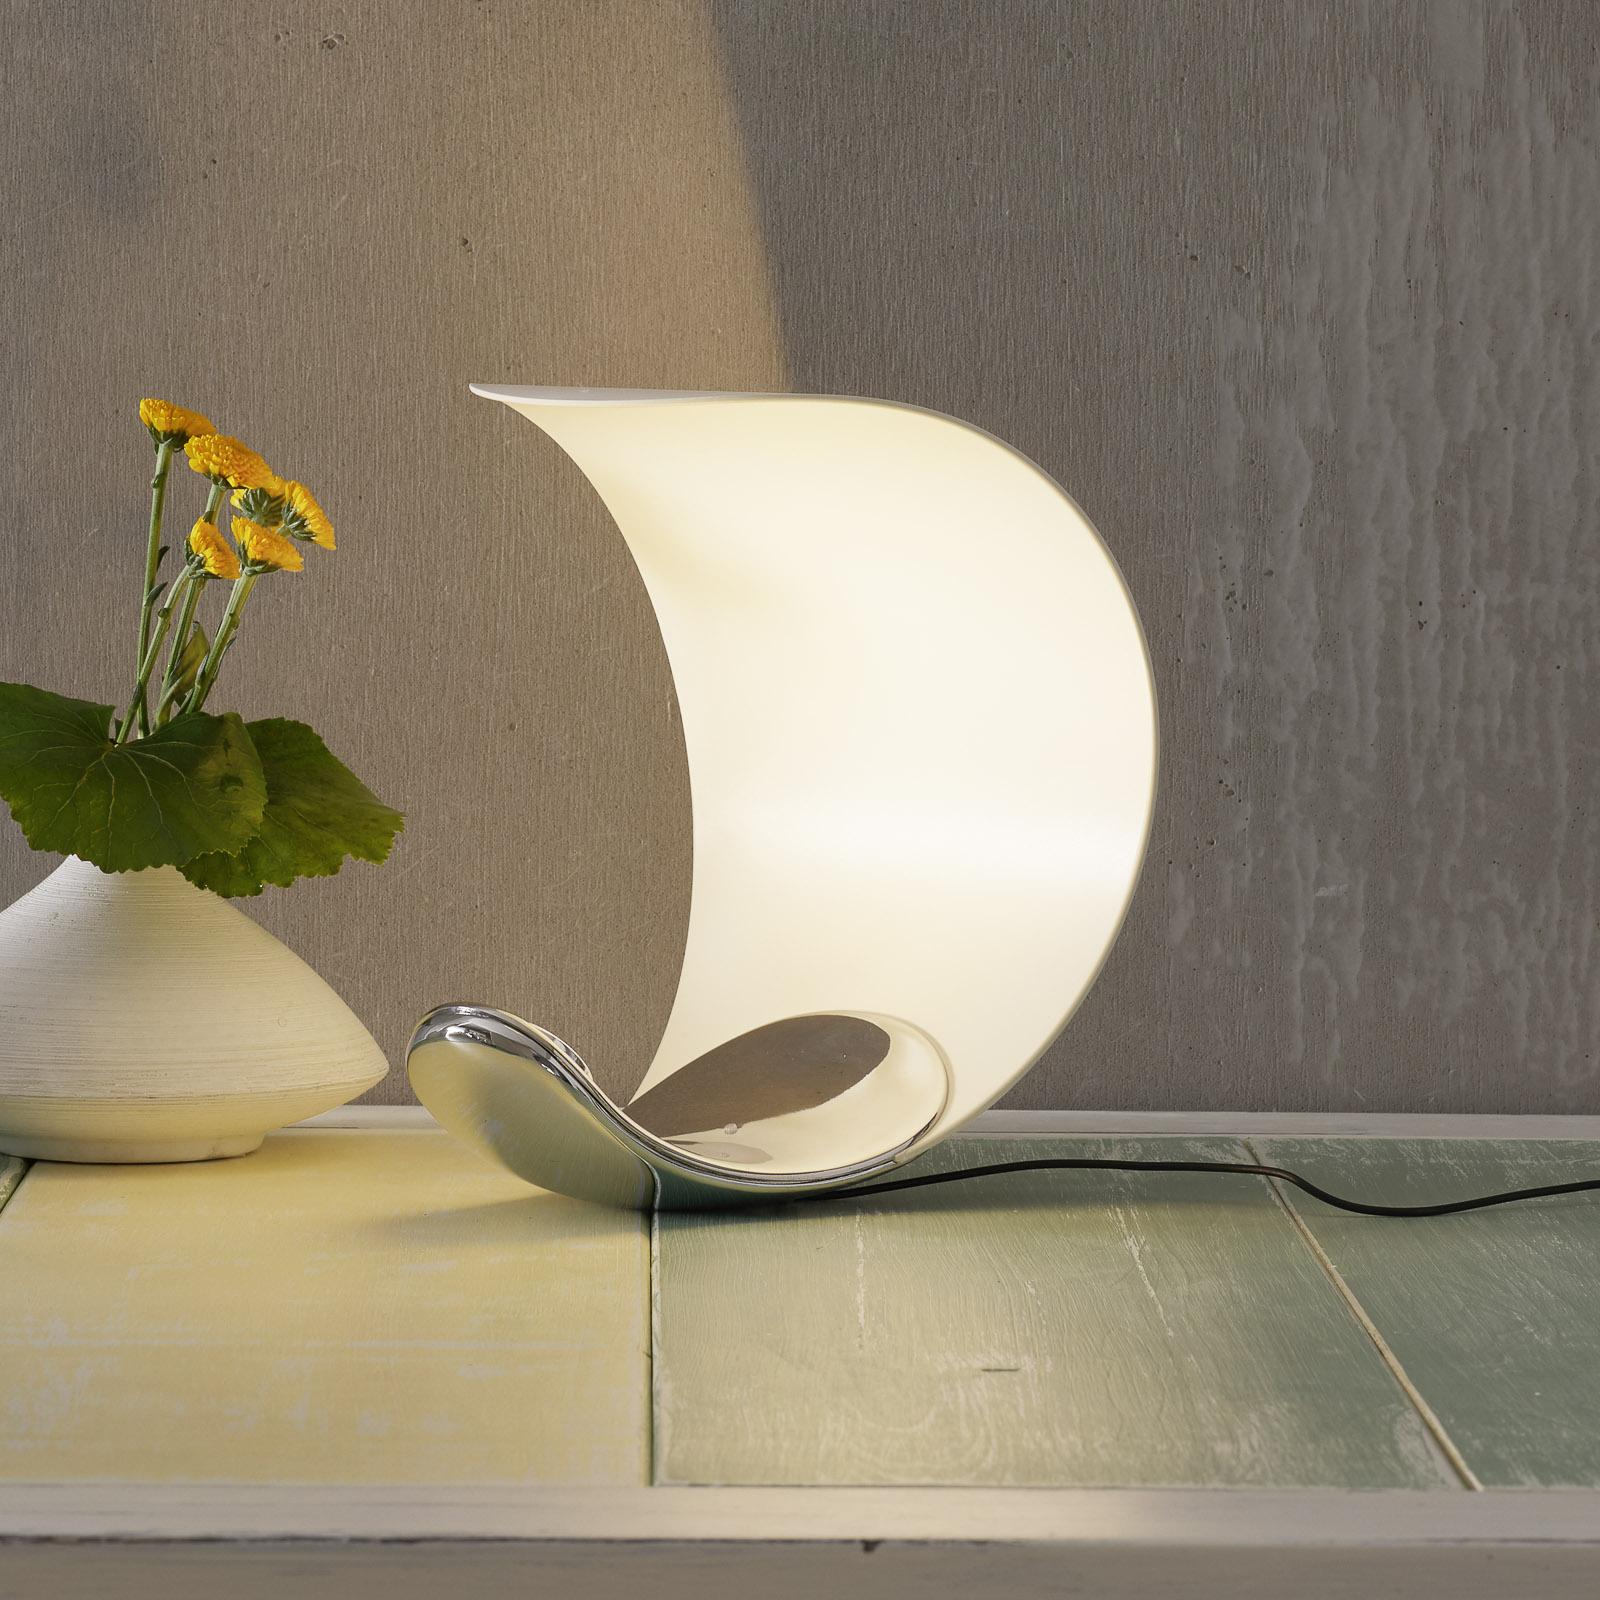 Design-pöytälamppu Curl valkoinen/peili